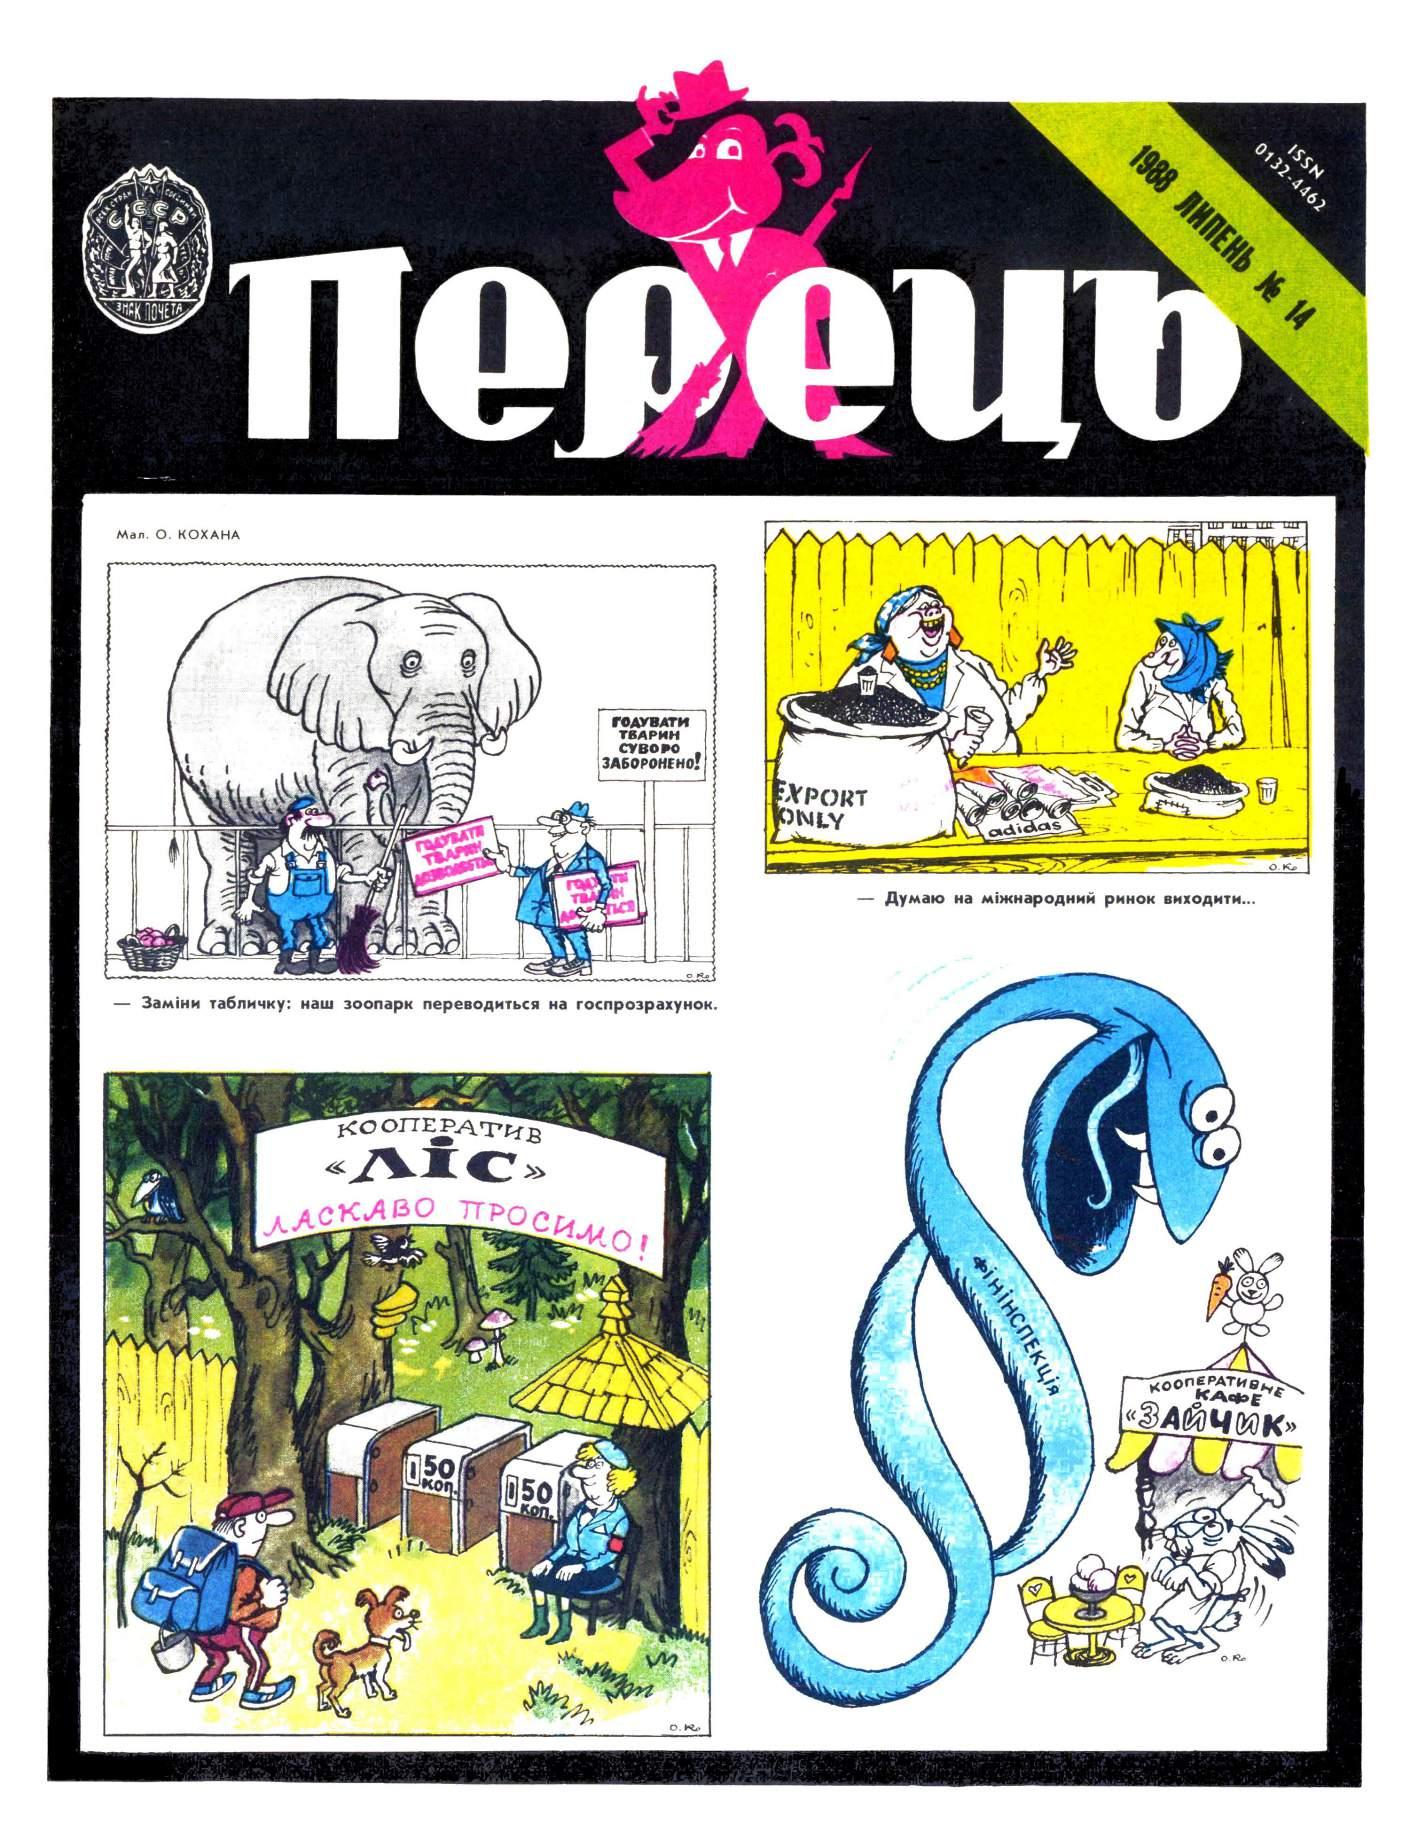 Журнал перець 1988 №14